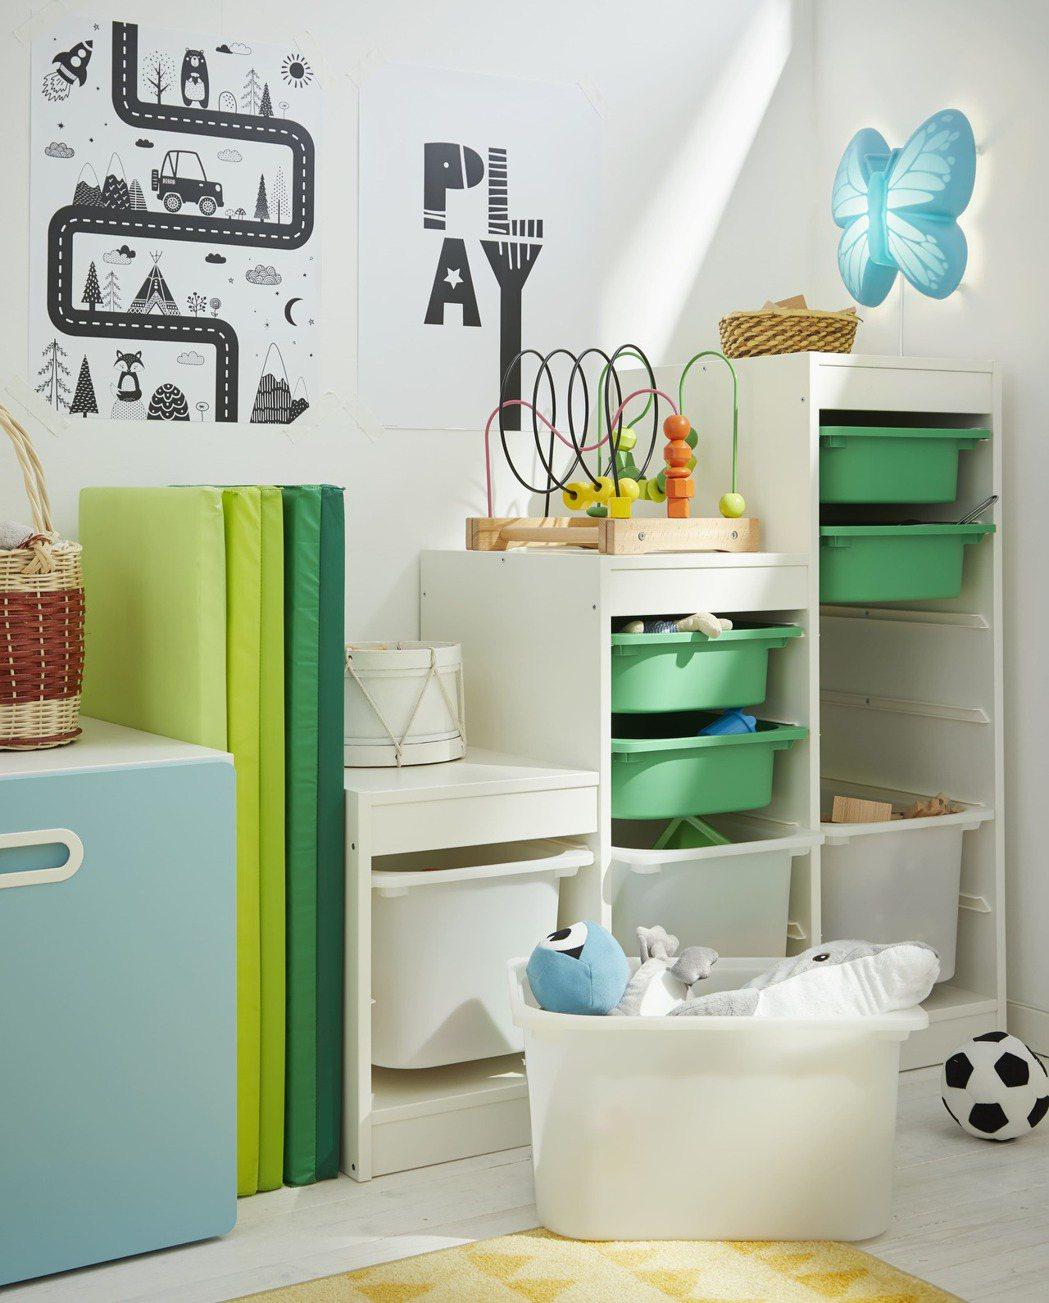 「TROFAST兒童收納櫃」能依照不同時期需求組合且方便孩子使用。除了家具材料安...